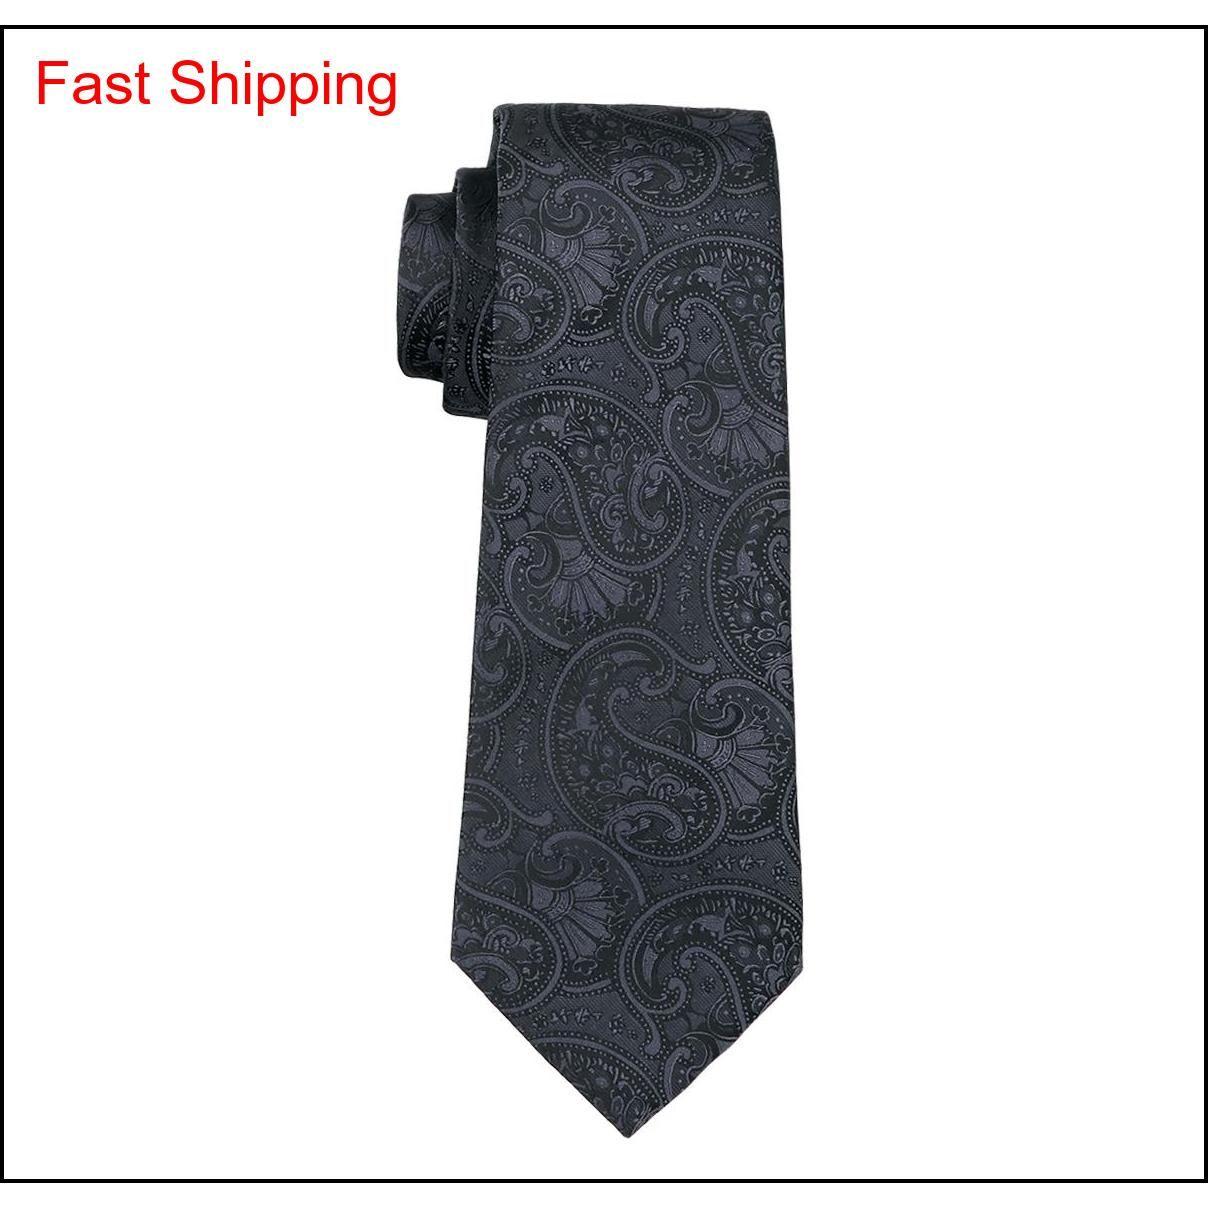 Классический шелковый галстук для мужчин Черный галстук наборы Пейсли мужские галстуки галстуки Hanky запонки жаккардовые тканые встречи формальный B QYLPR NANA_SHOP